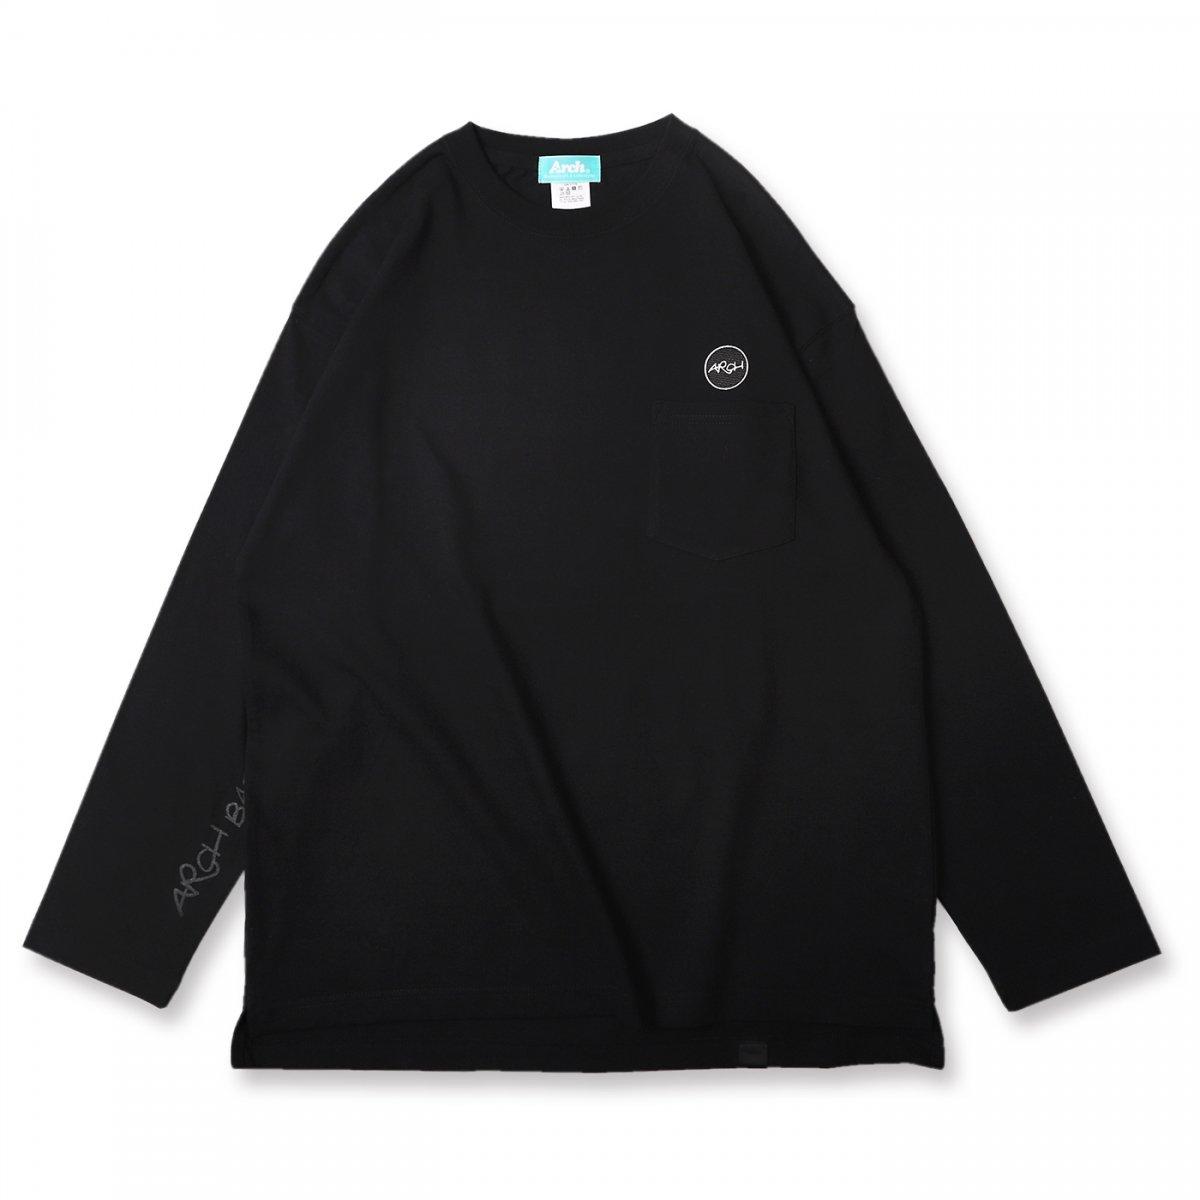 バスケ アーチ パッチド ポケット L/S ブラック